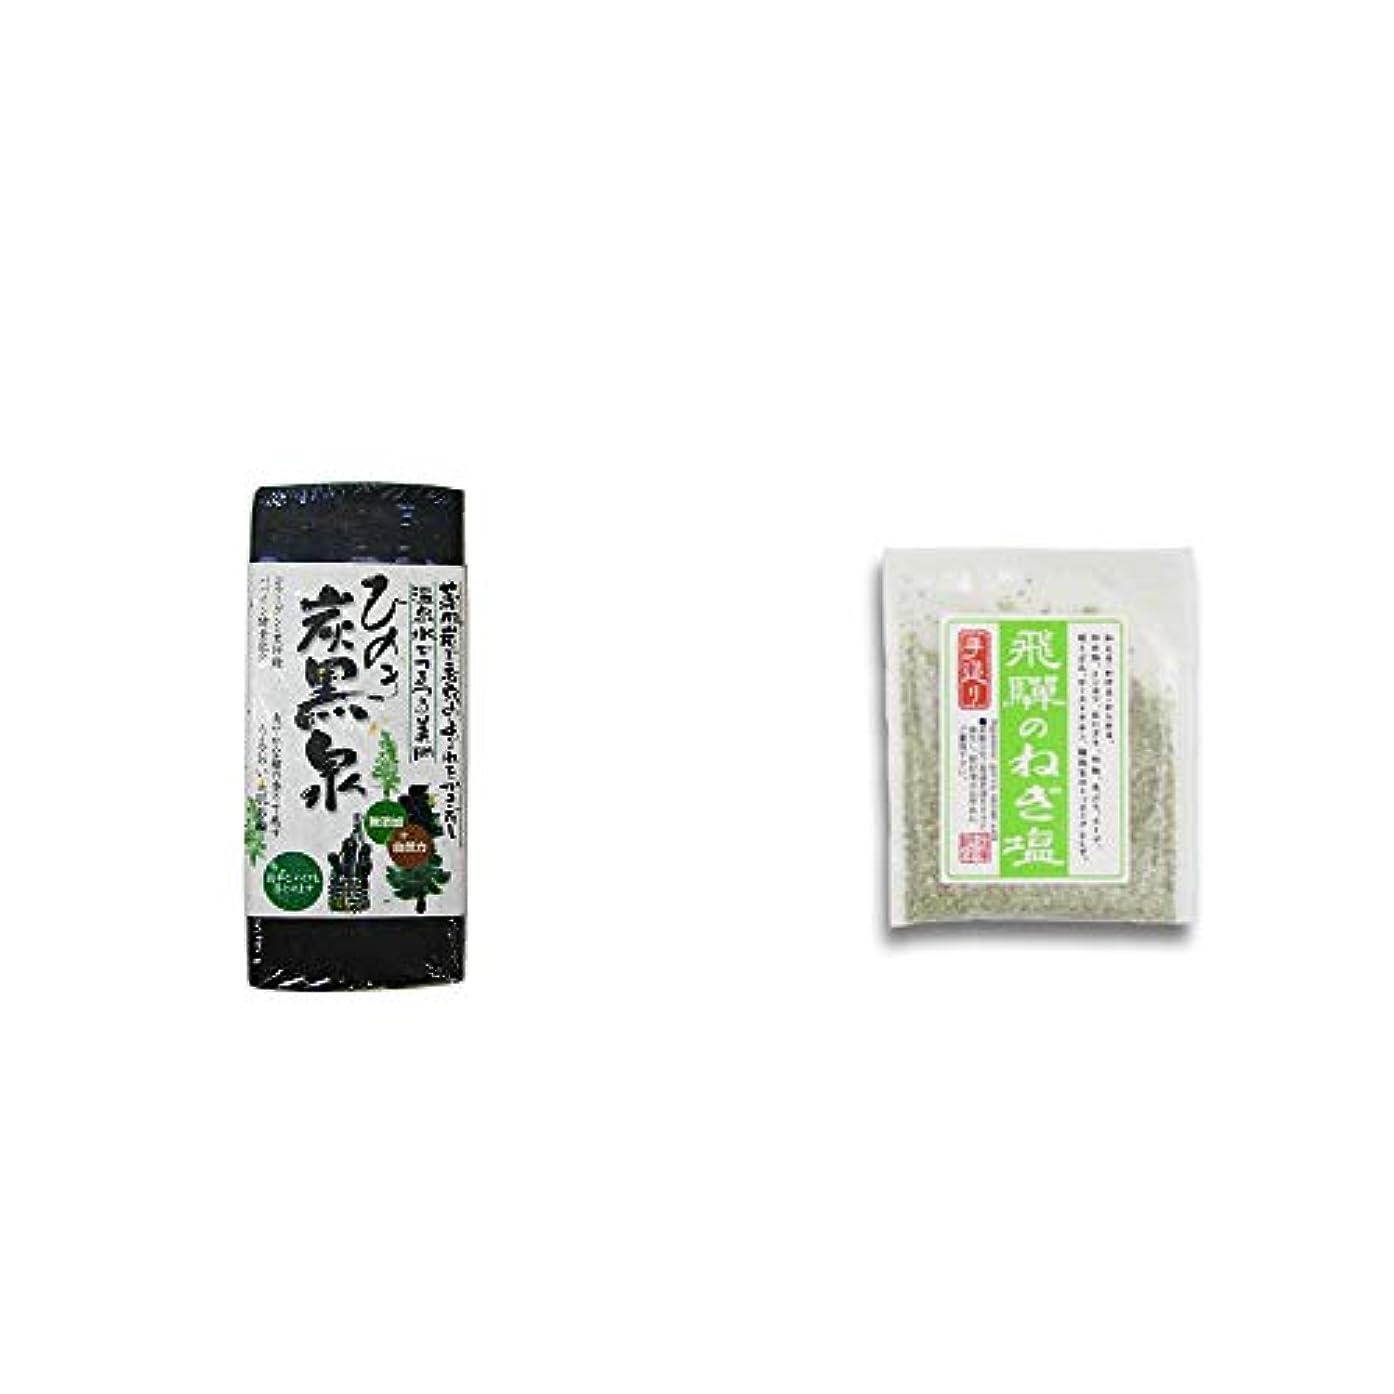 虎スラダムエコー[2点セット] ひのき炭黒泉(75g×2)?手造り 飛騨のねぎ塩(40g)